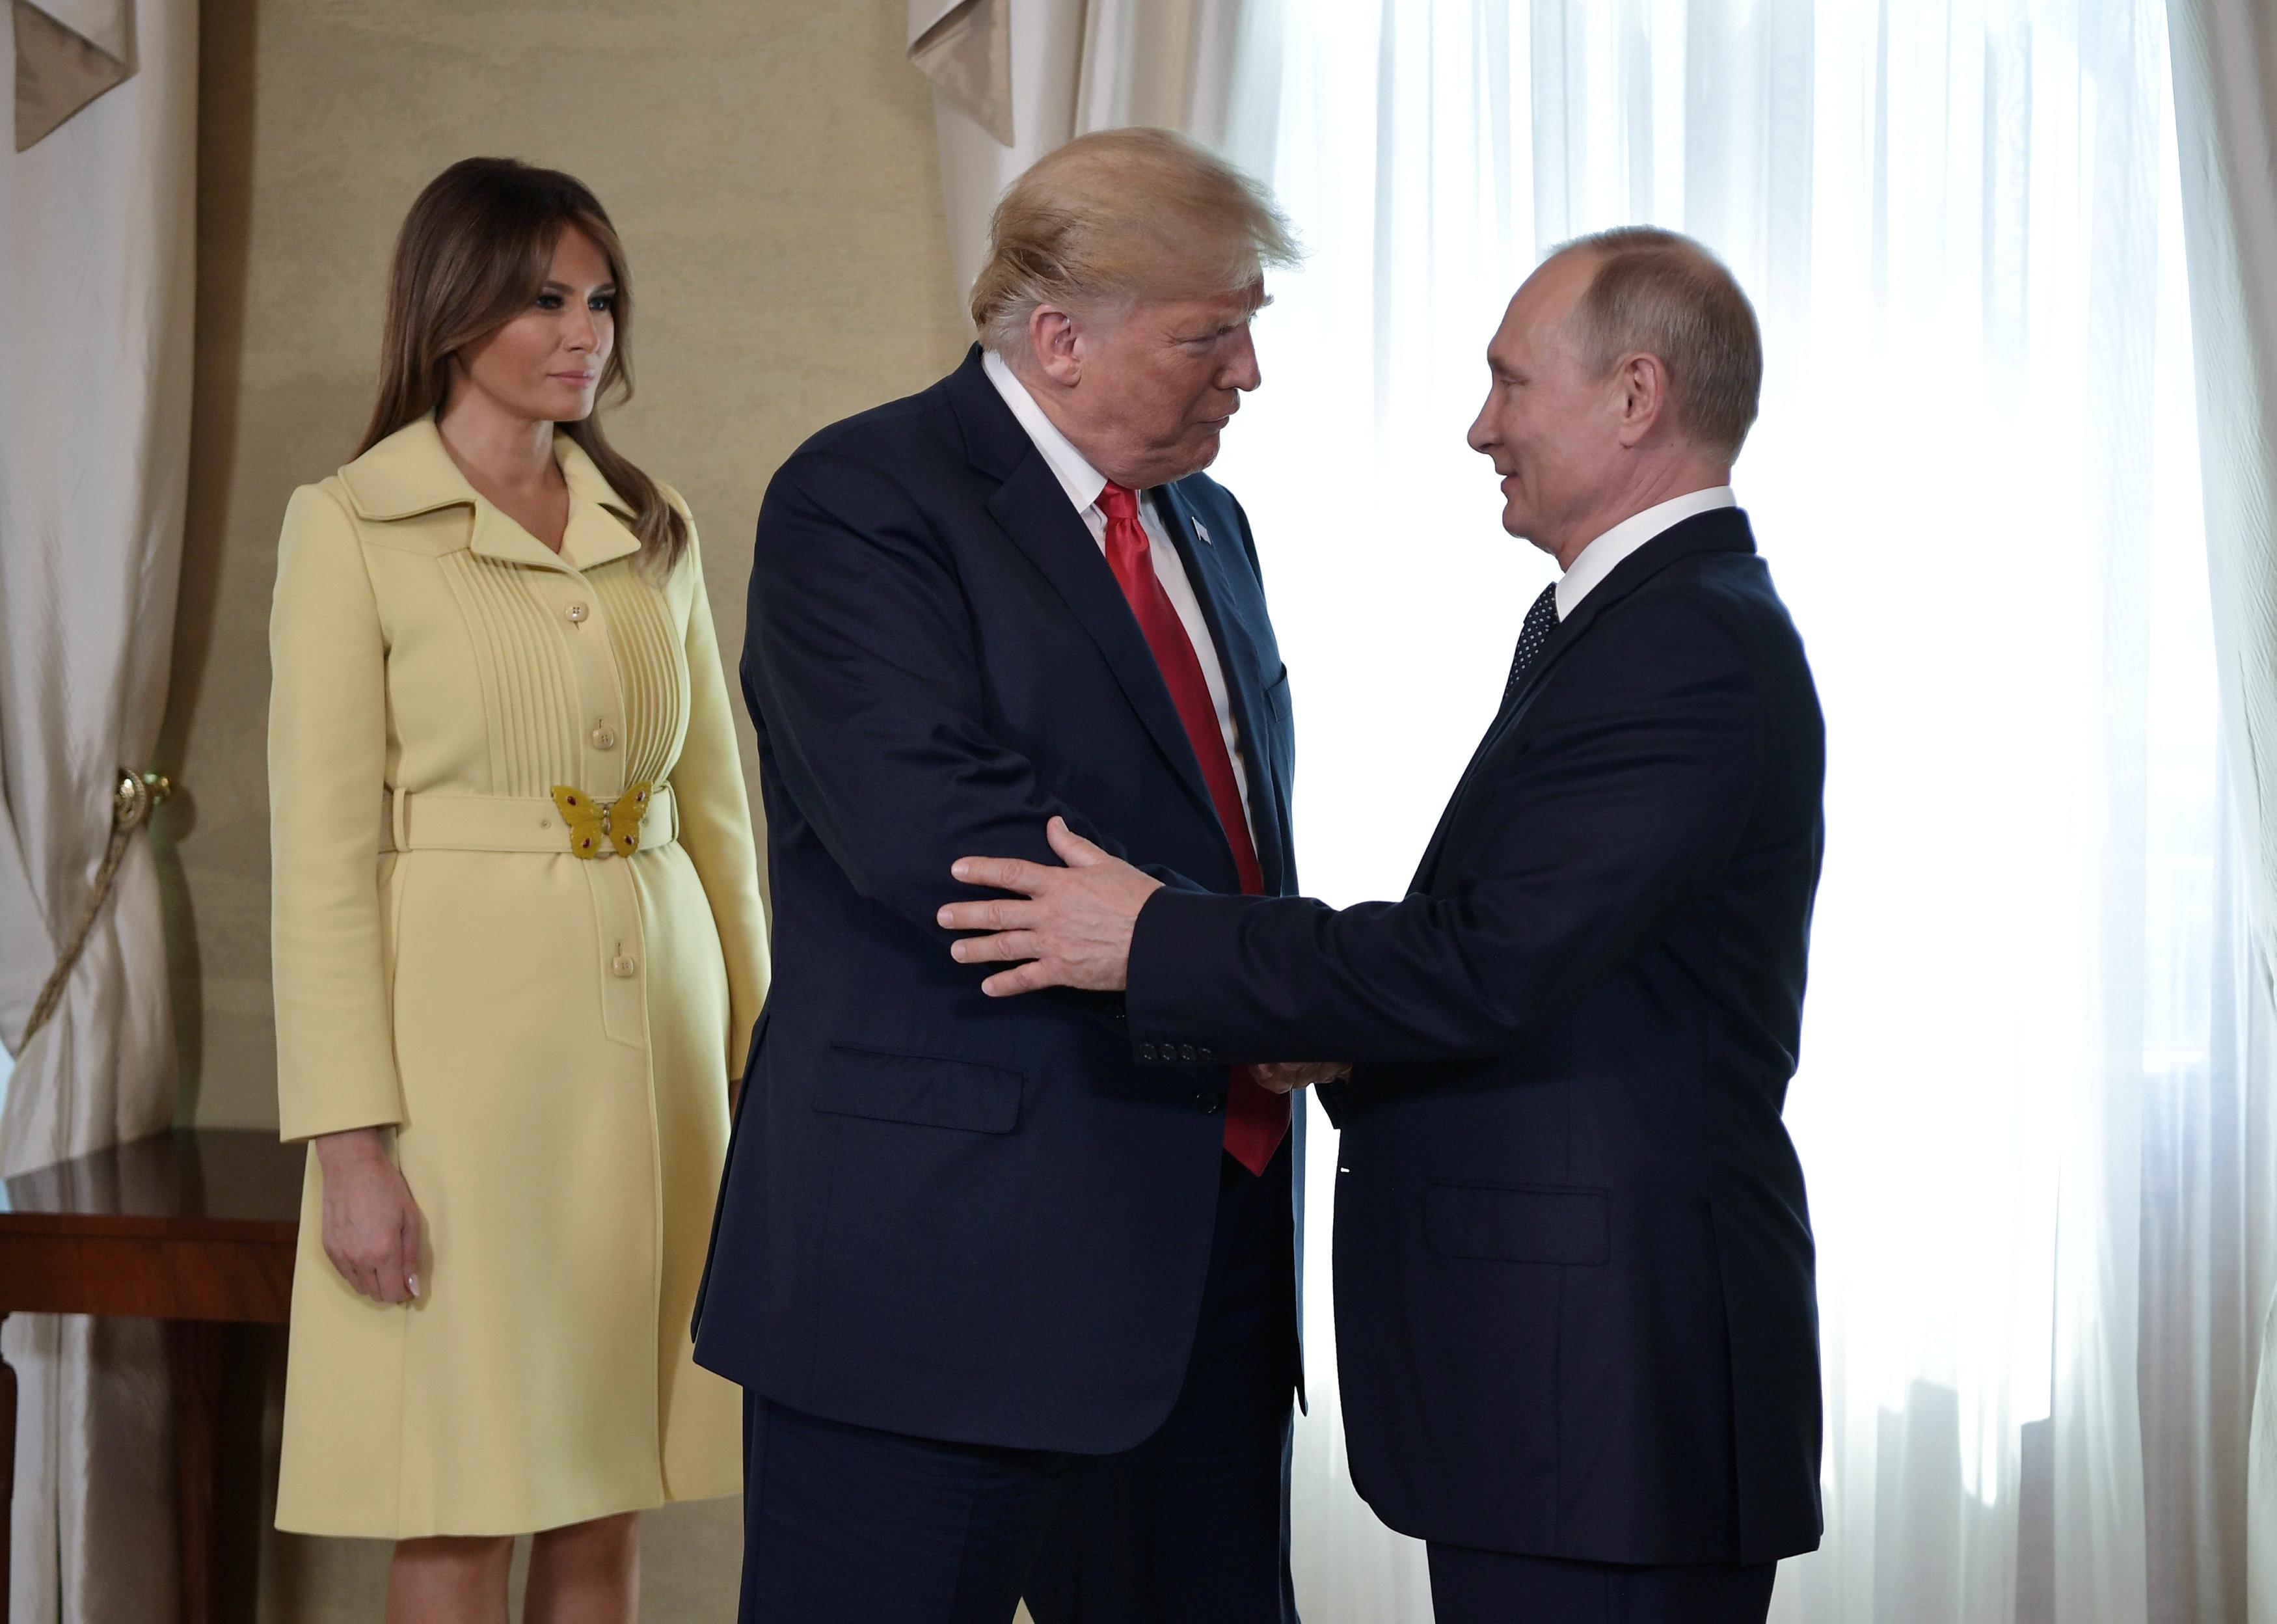 La primera dama estadounidense, Melania Trump, se acercó para participar en las fotos